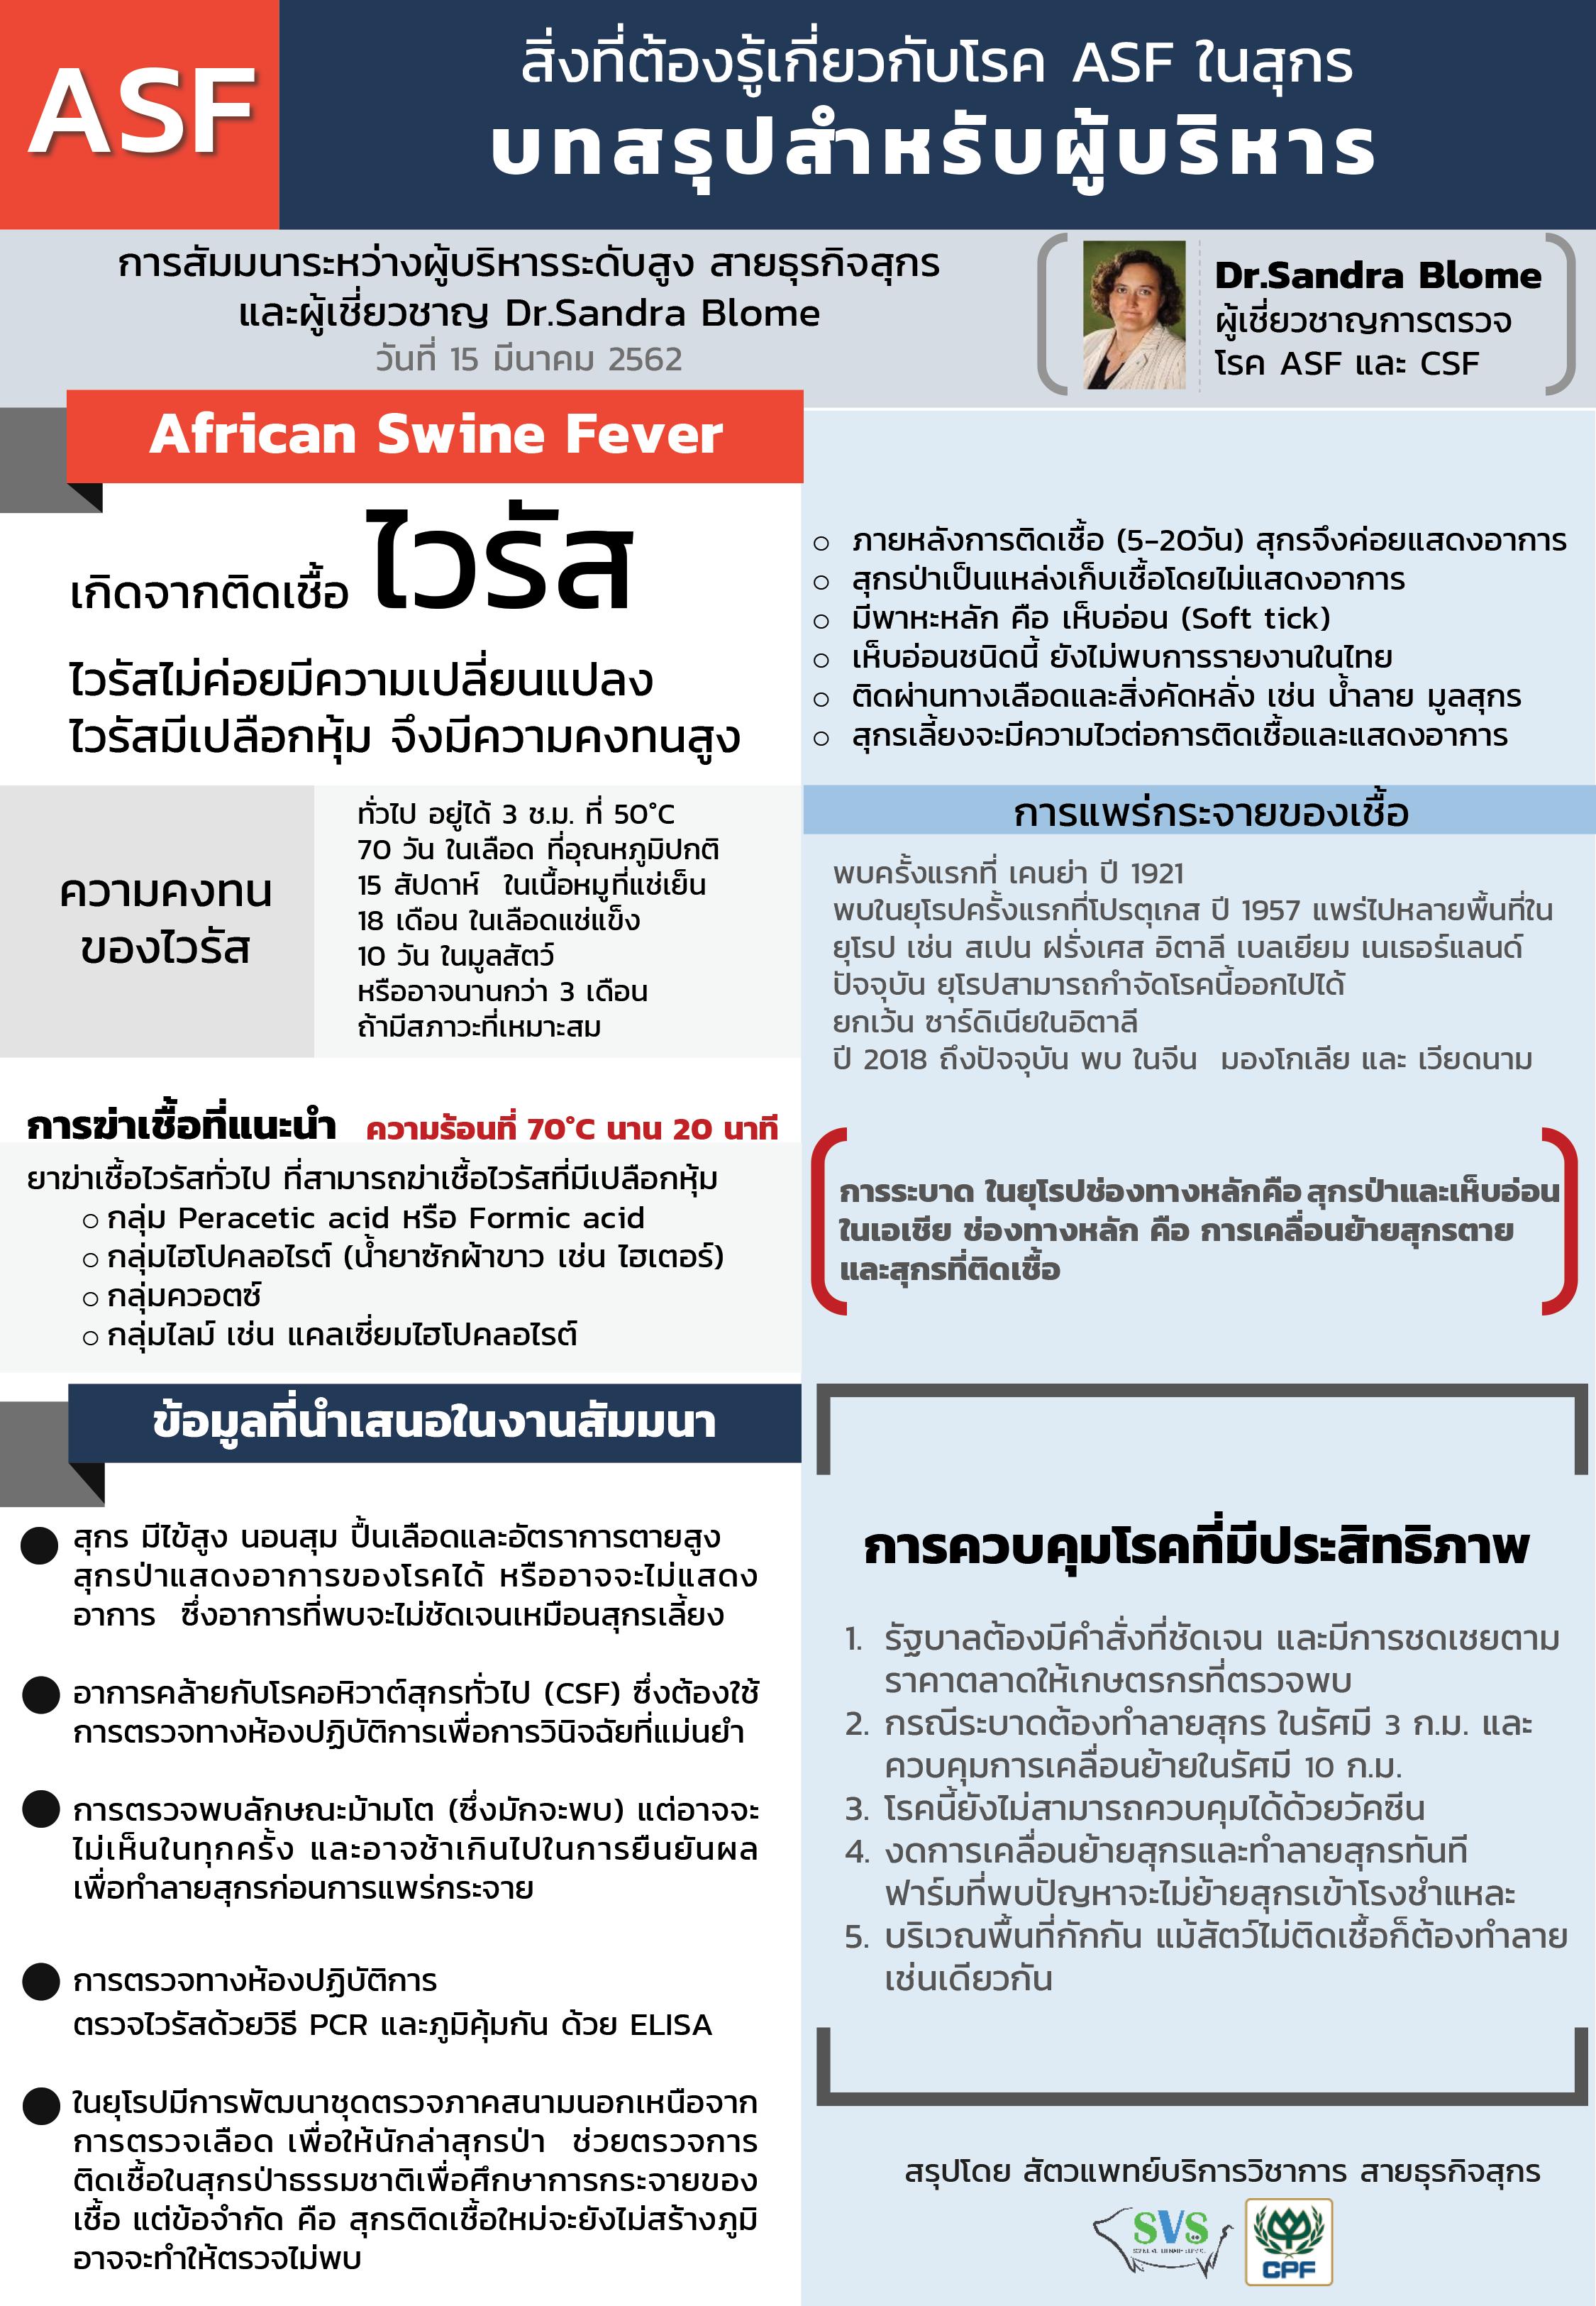 สิ่งที่ต้องรู้เกี่ยวกับโรค ASF ในสุกร